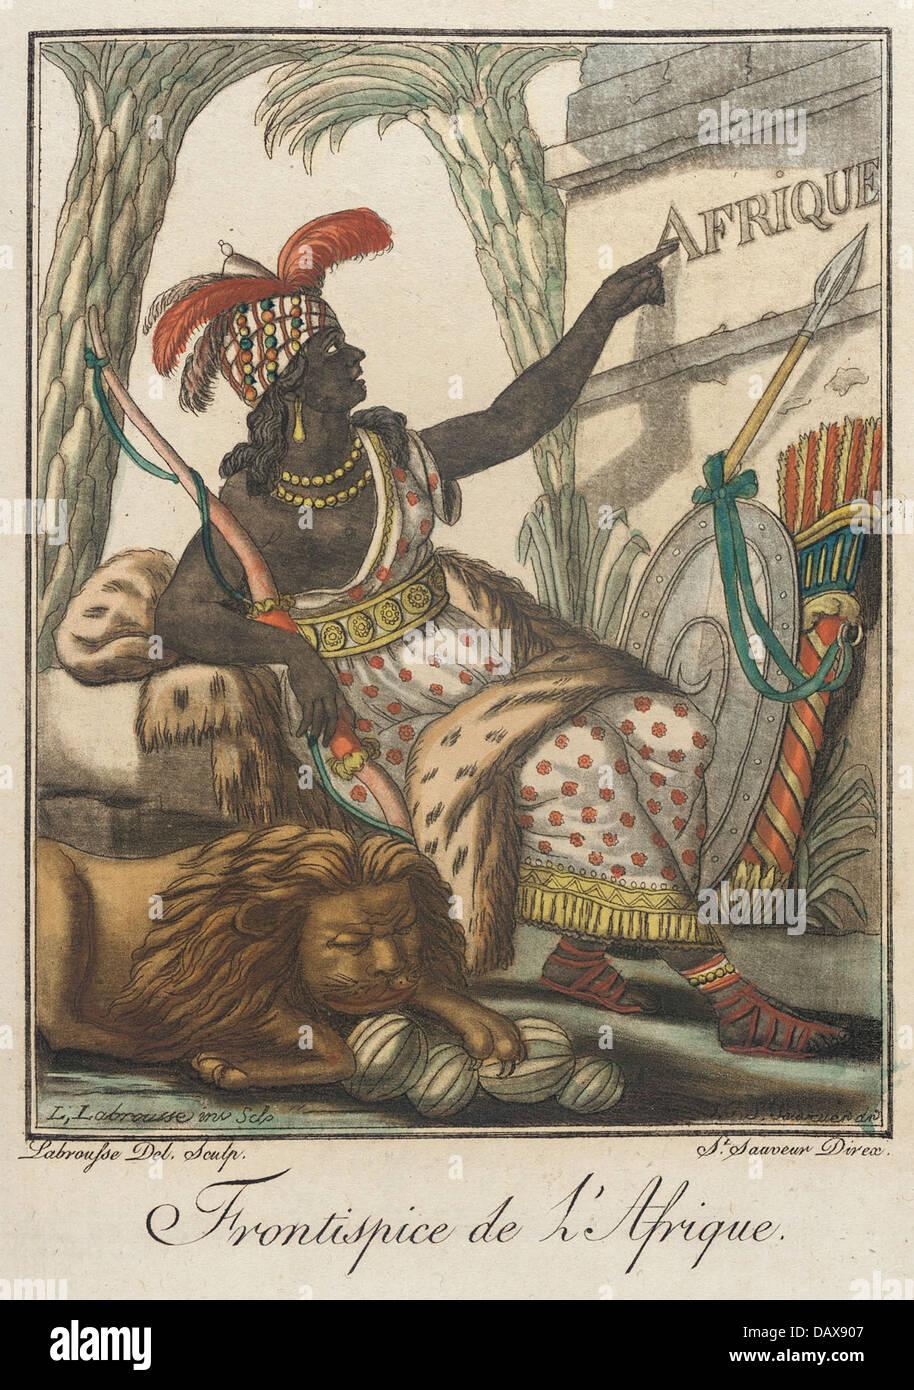 Costumes de Different Pays, 'Frontispice de l'Afrique' M.83.190.271 - Stock Image